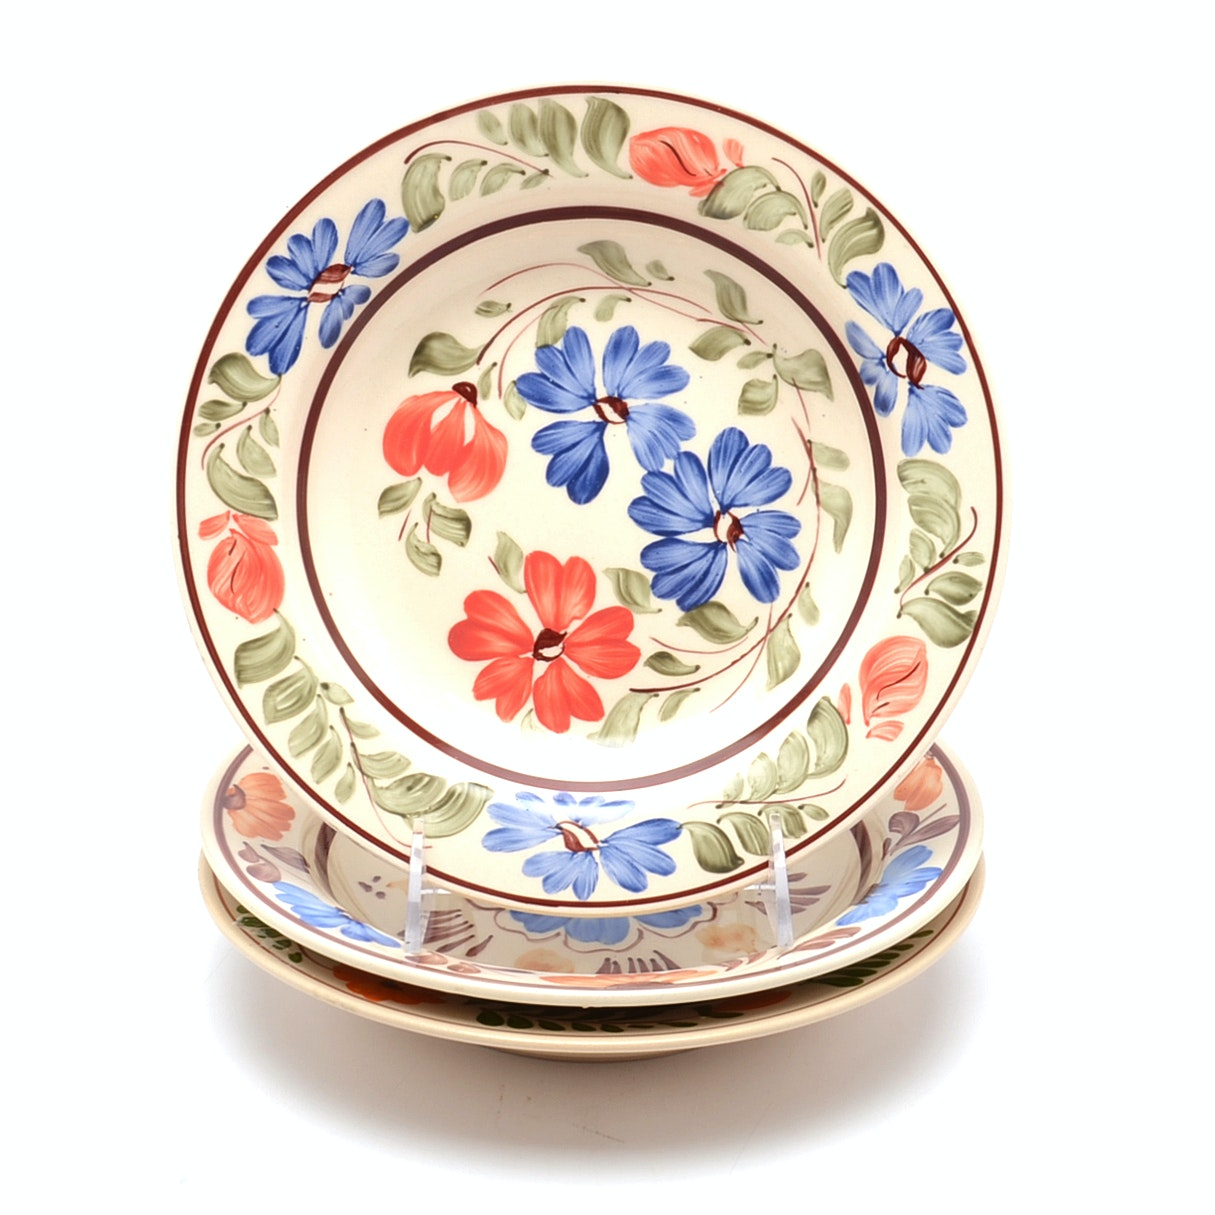 Eastern European Floral Wall Decor Plates